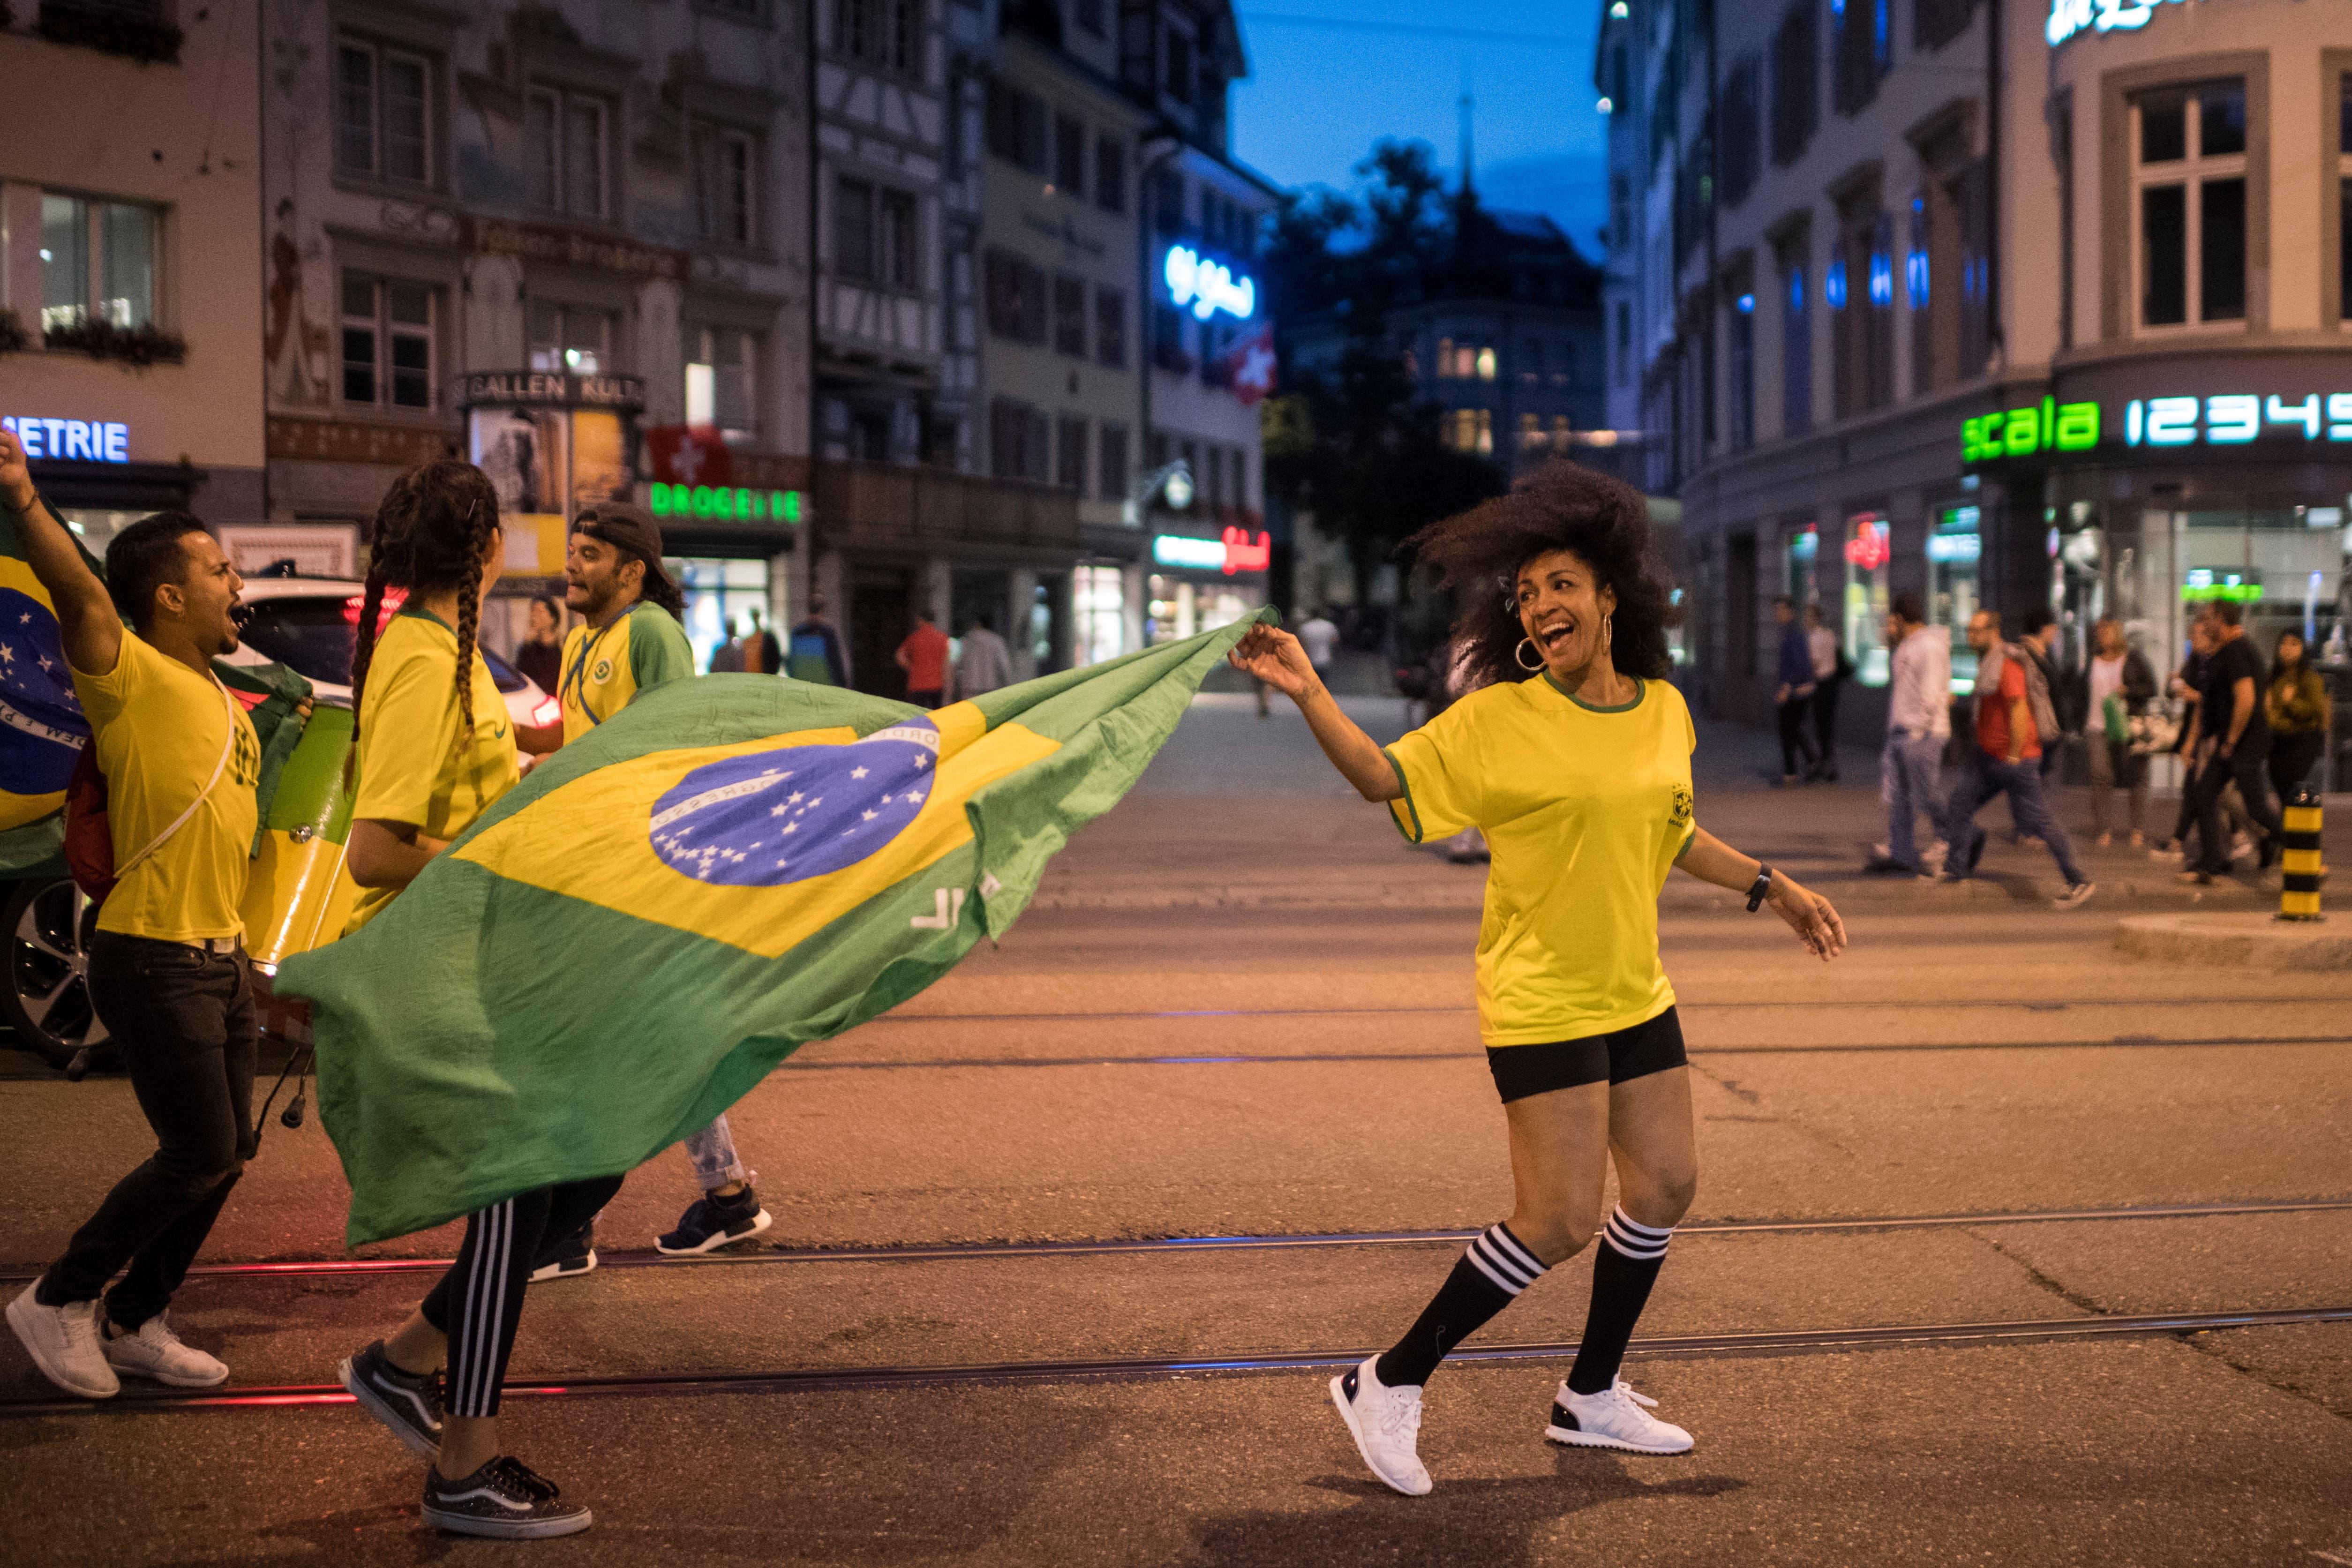 Donnerstag, nach 22 Uhr, auf dem Bohl in St.Gallen: Brasilianerinnen und Brasilianer feiern ausgelassen den 2:0-Sieg gegen Serbien und den Einzug ins Achtelfinal. Mit Fahnen, aber auch...